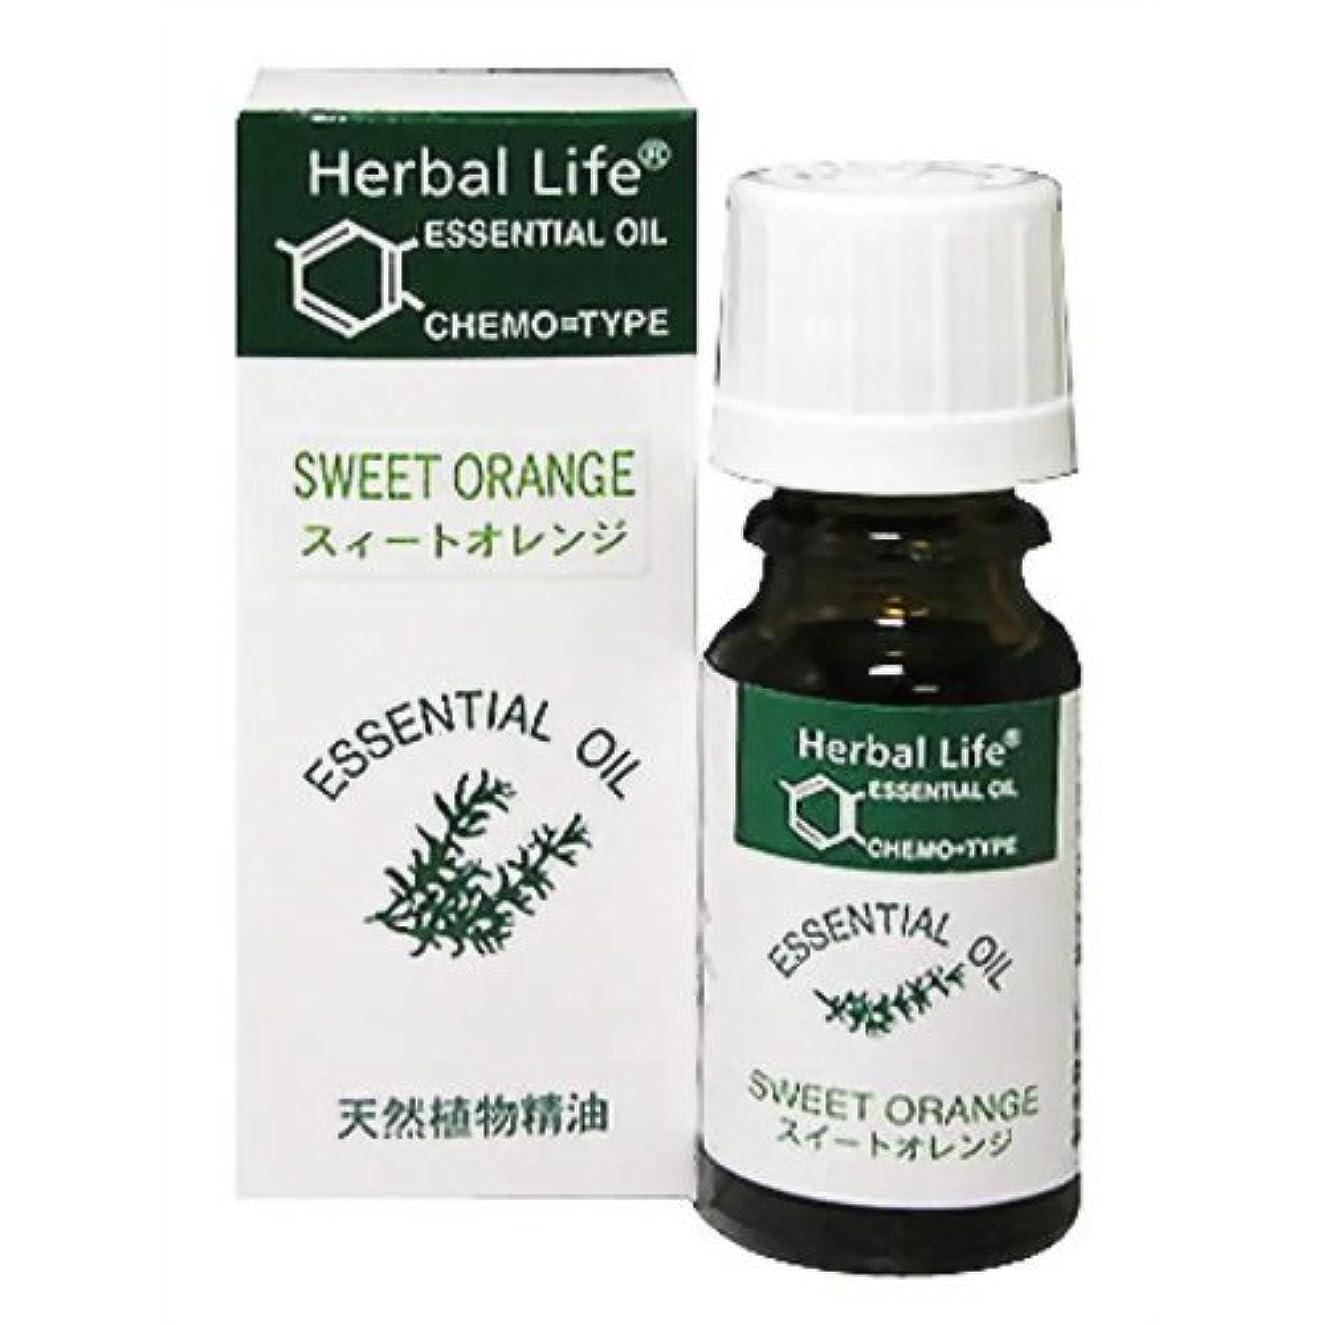 穀物ところでセメント生活の木 Herbal Life スィートオレンジ 10ml